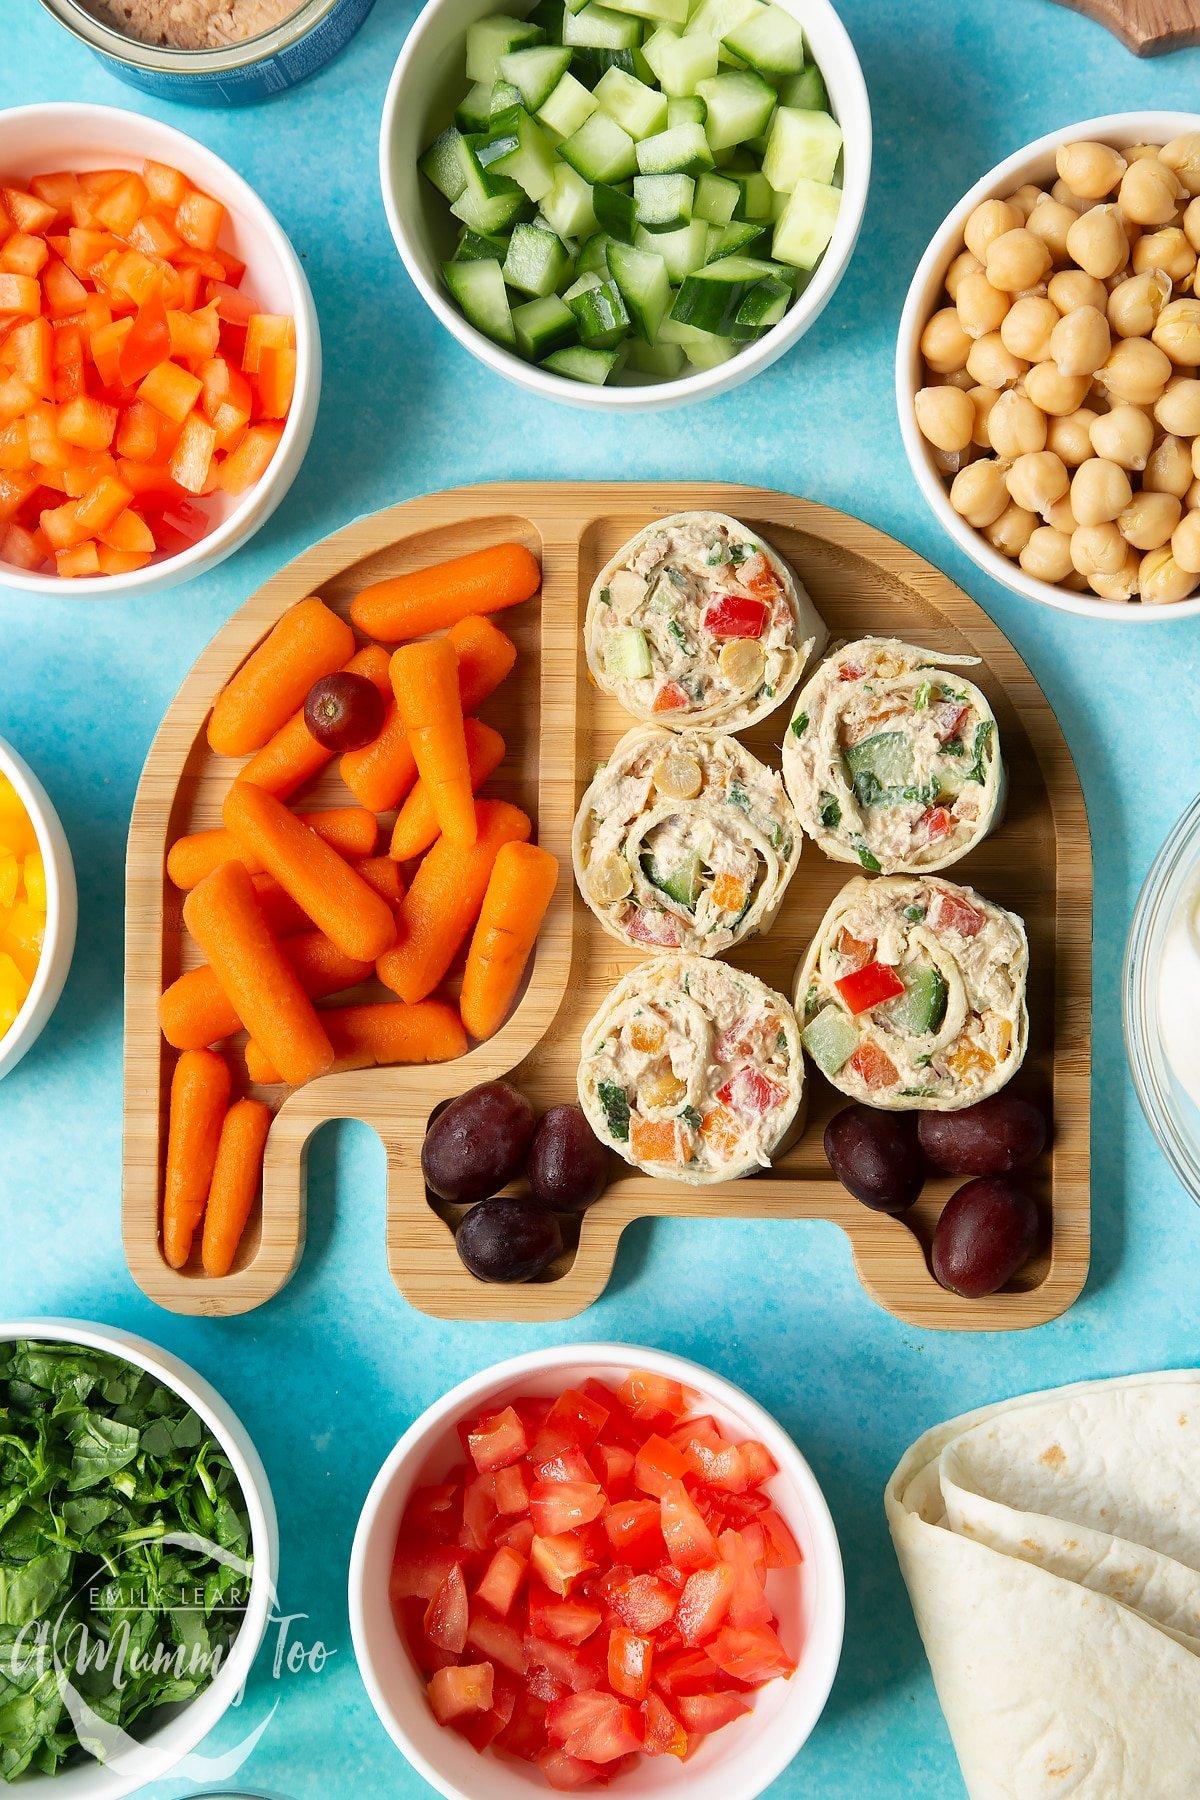 Tuna pinwheels served on a bamboo plate shaped like an elephant with fresh fruit and veg.